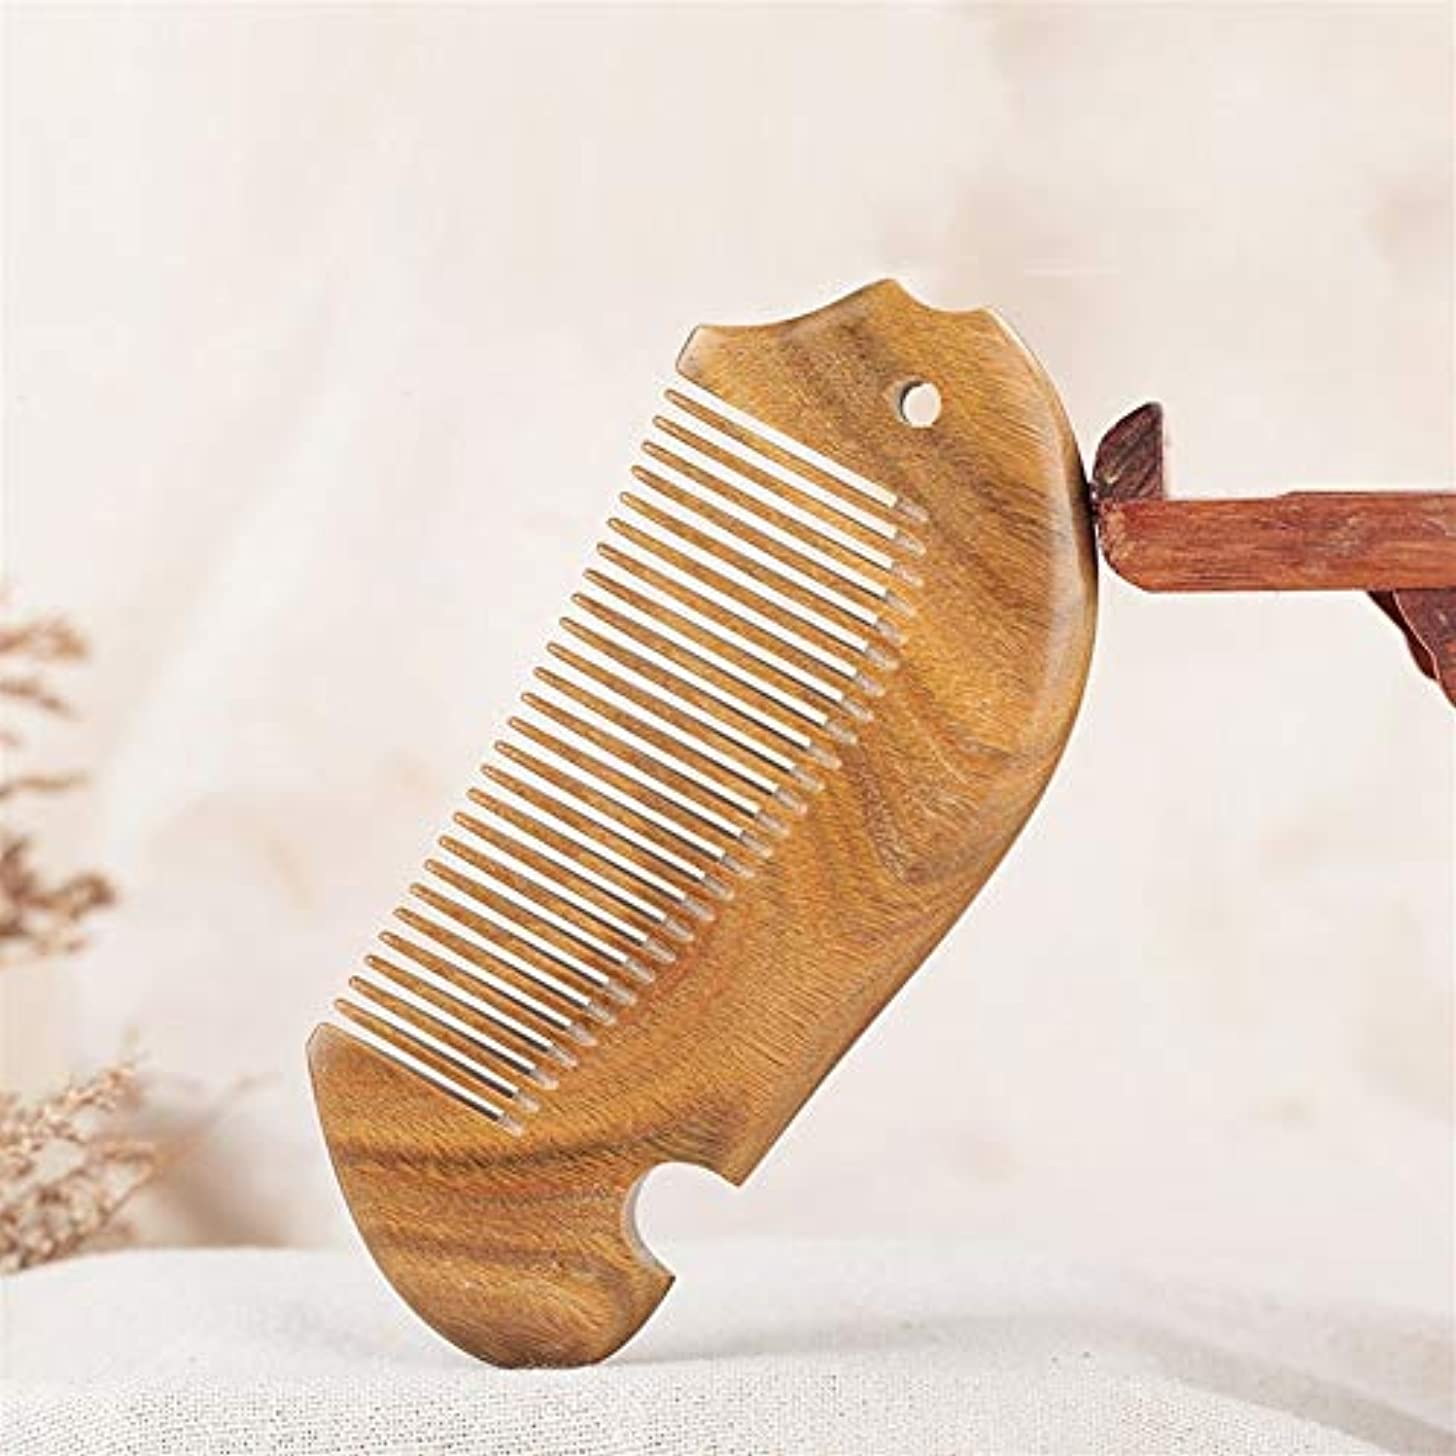 のホスト隣人いつGuomao ナチュラルグリーンサンダルウッドウッドコーム魚型コーム厚型サンダルウッドコーム (Size : 12.5*5.3*1.1 cm)